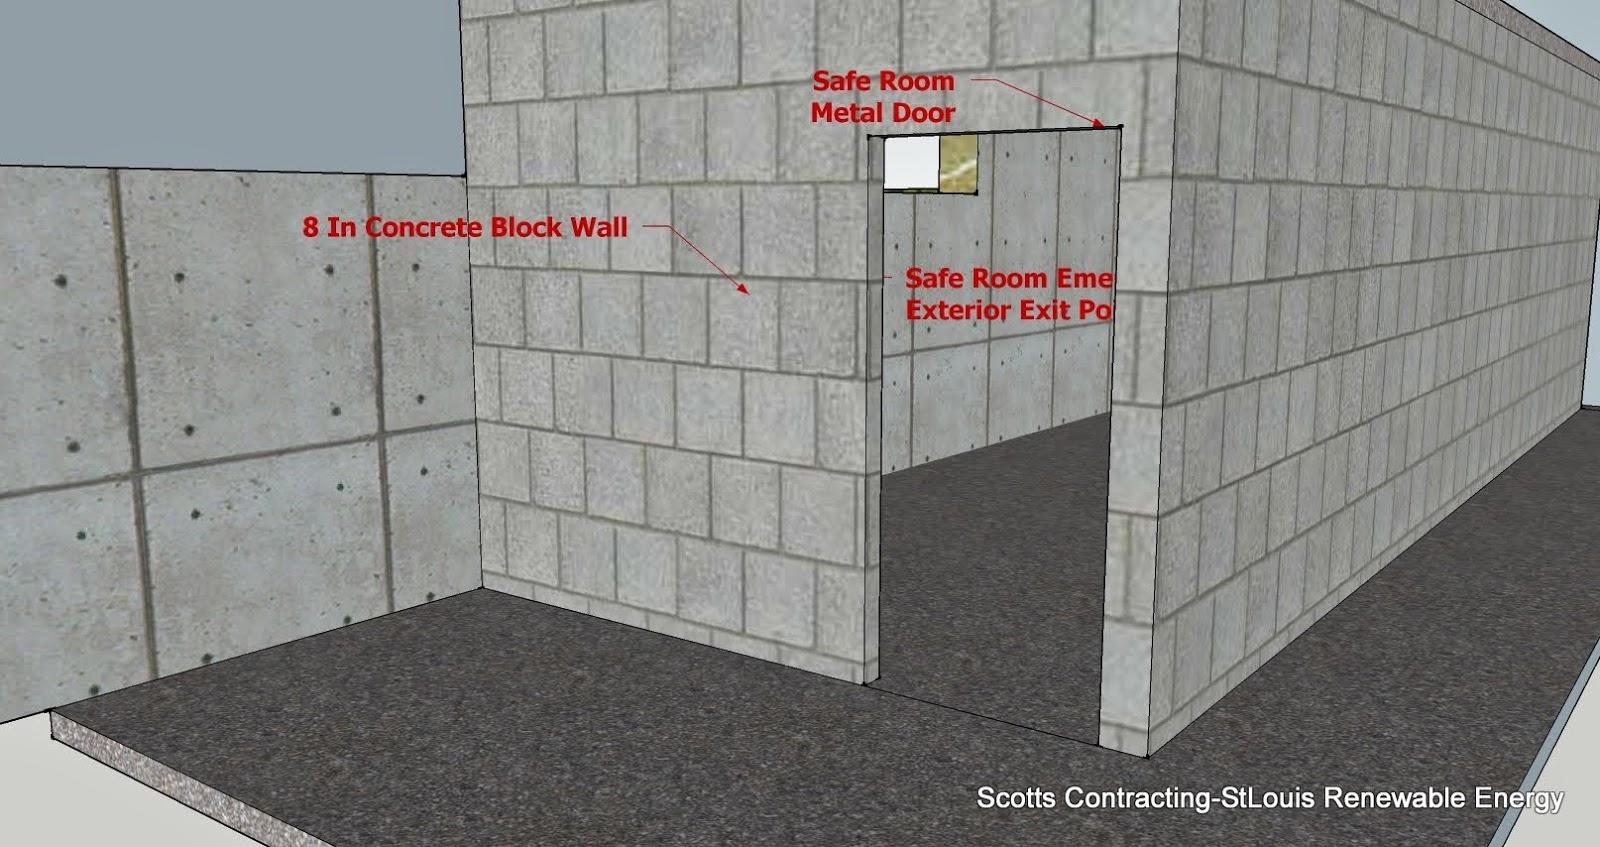 Basement Safe Room Construction Basement Safe Room Construction 55 safe room plans safe room design st louis renewable energy 1600 X 847